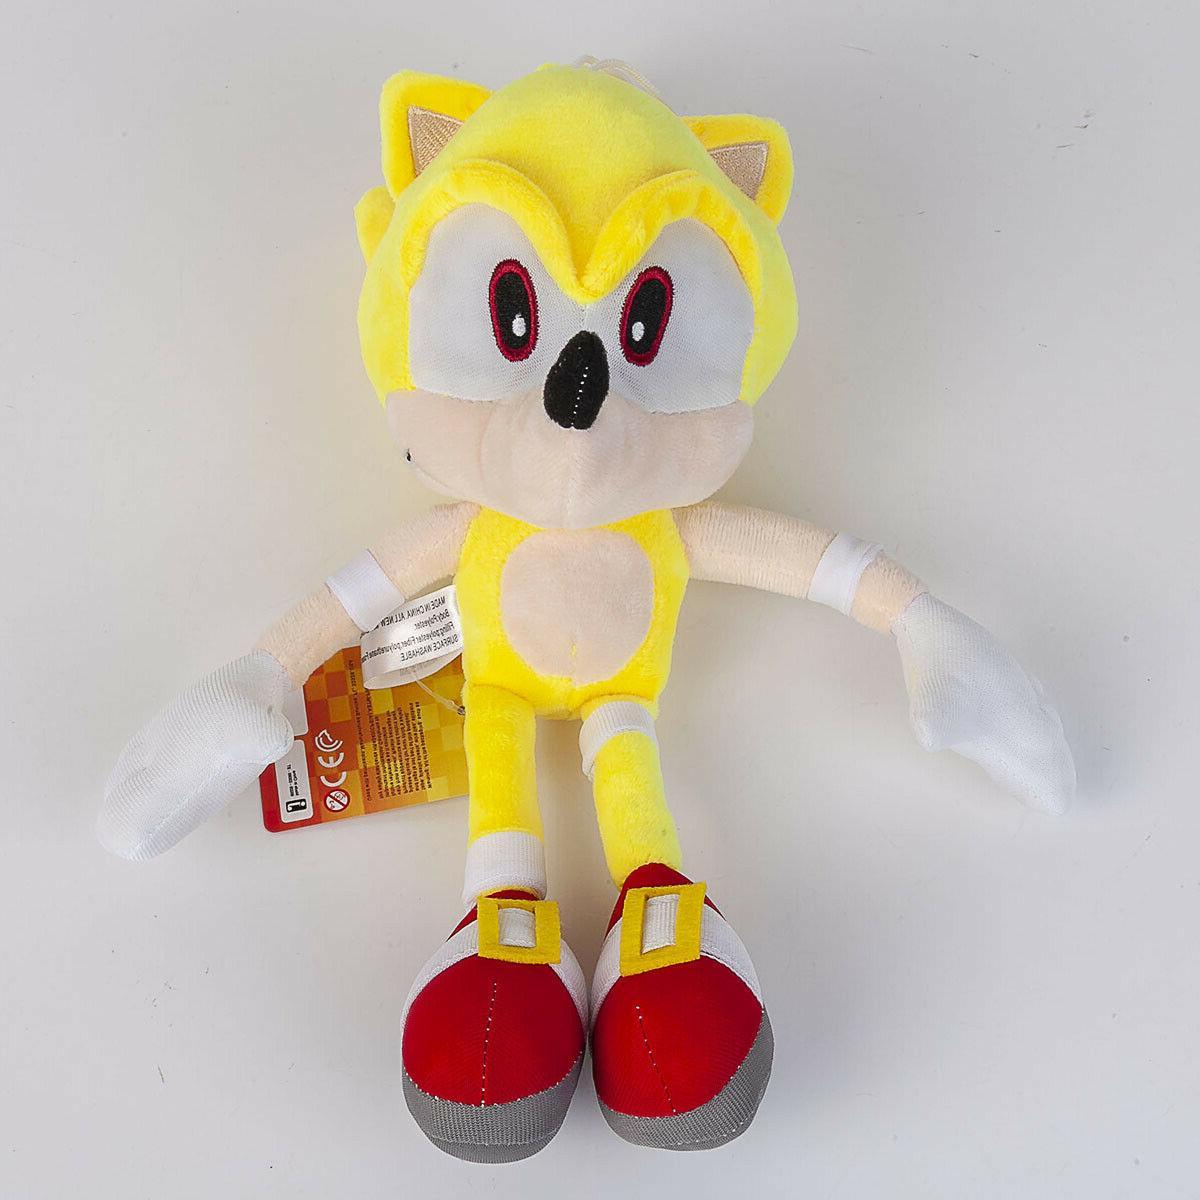 Super Plush Stuffed Toy Gift